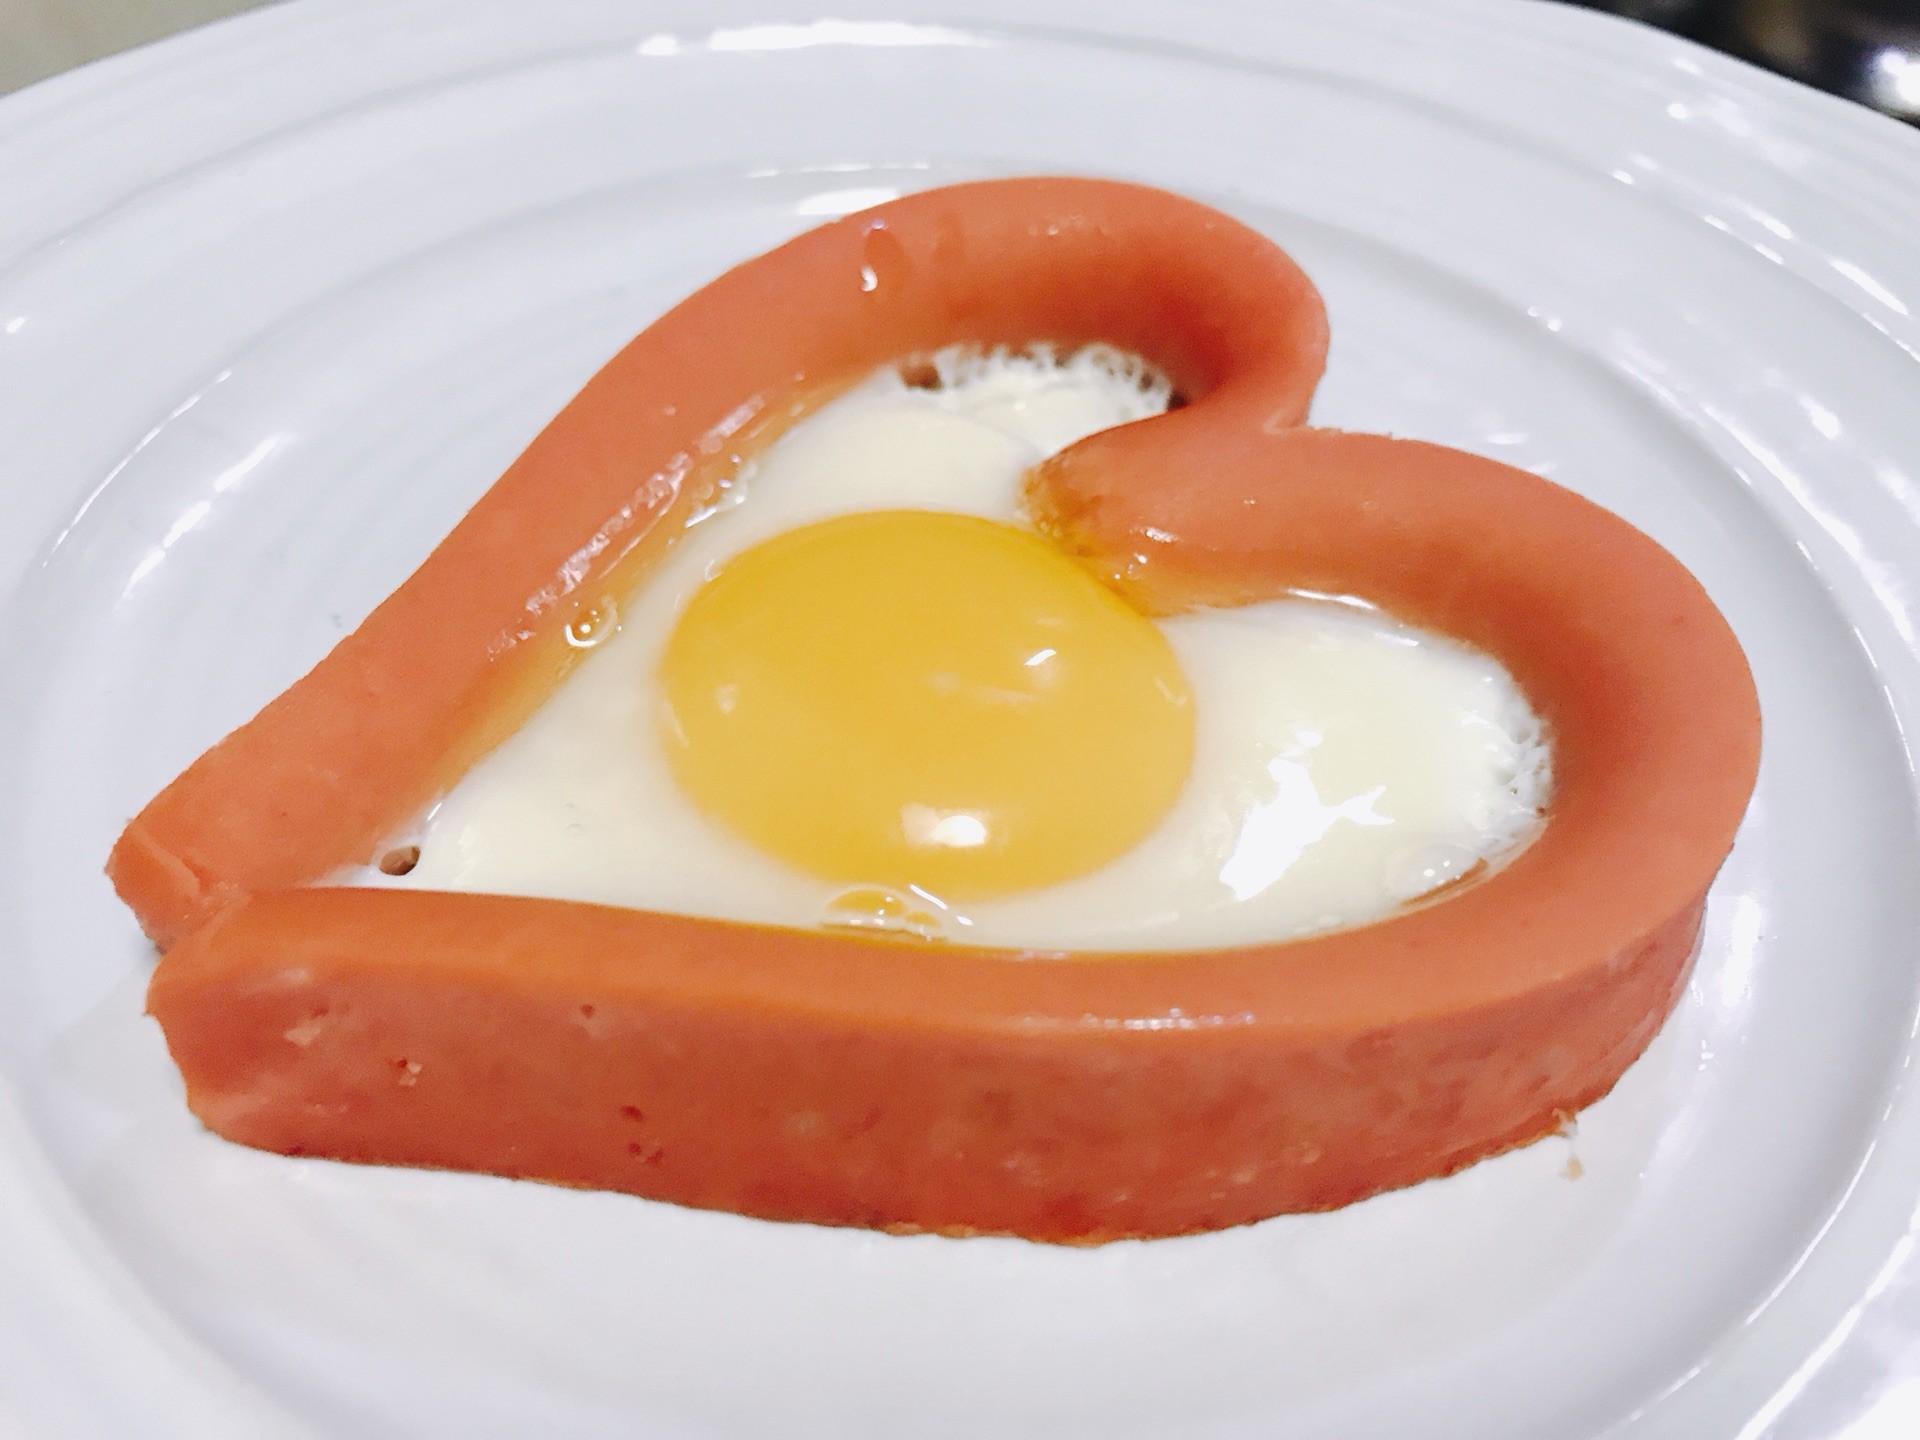 Mách bạn cách làm bữa sáng siêu đơn giản lại ngọt ngào vô cùng - Ảnh 5